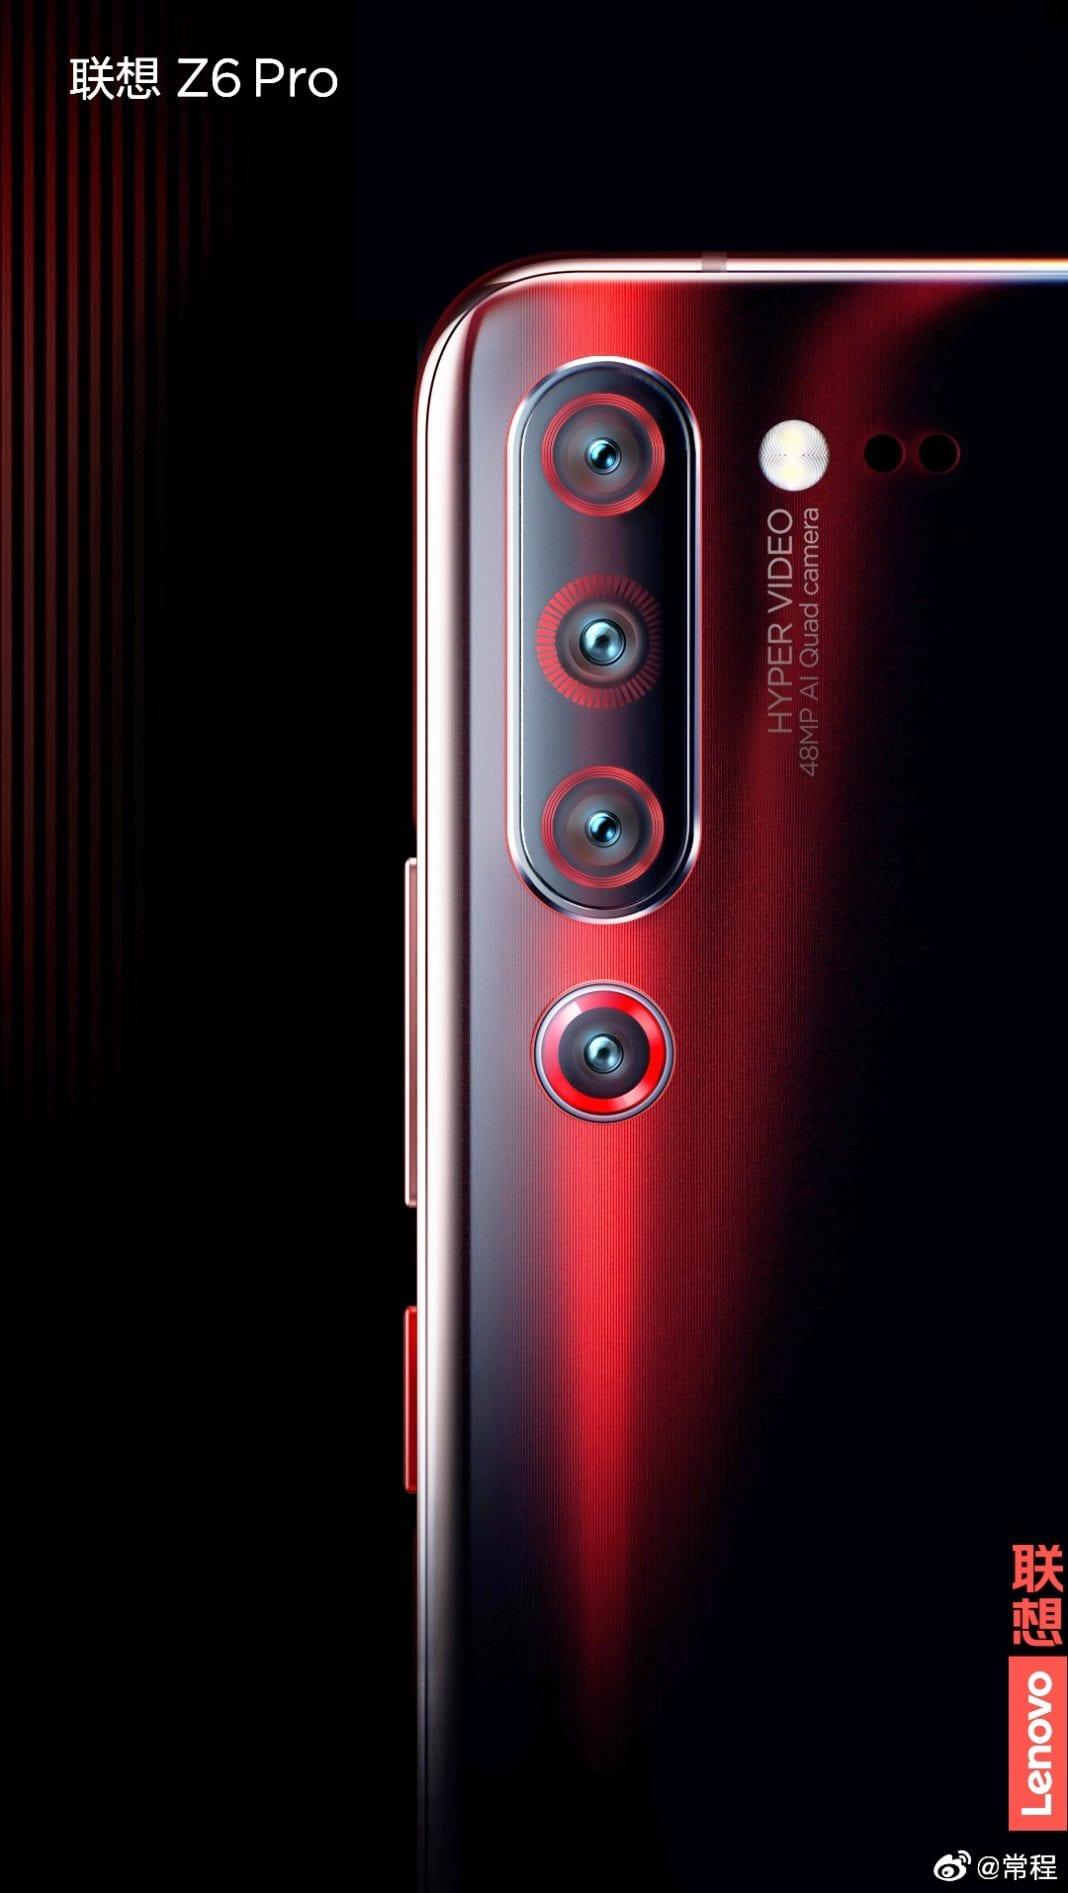 El Lenovo Z6 Pro vendrá con cuatro cámaras traseras y tomara fotos de 100 MP